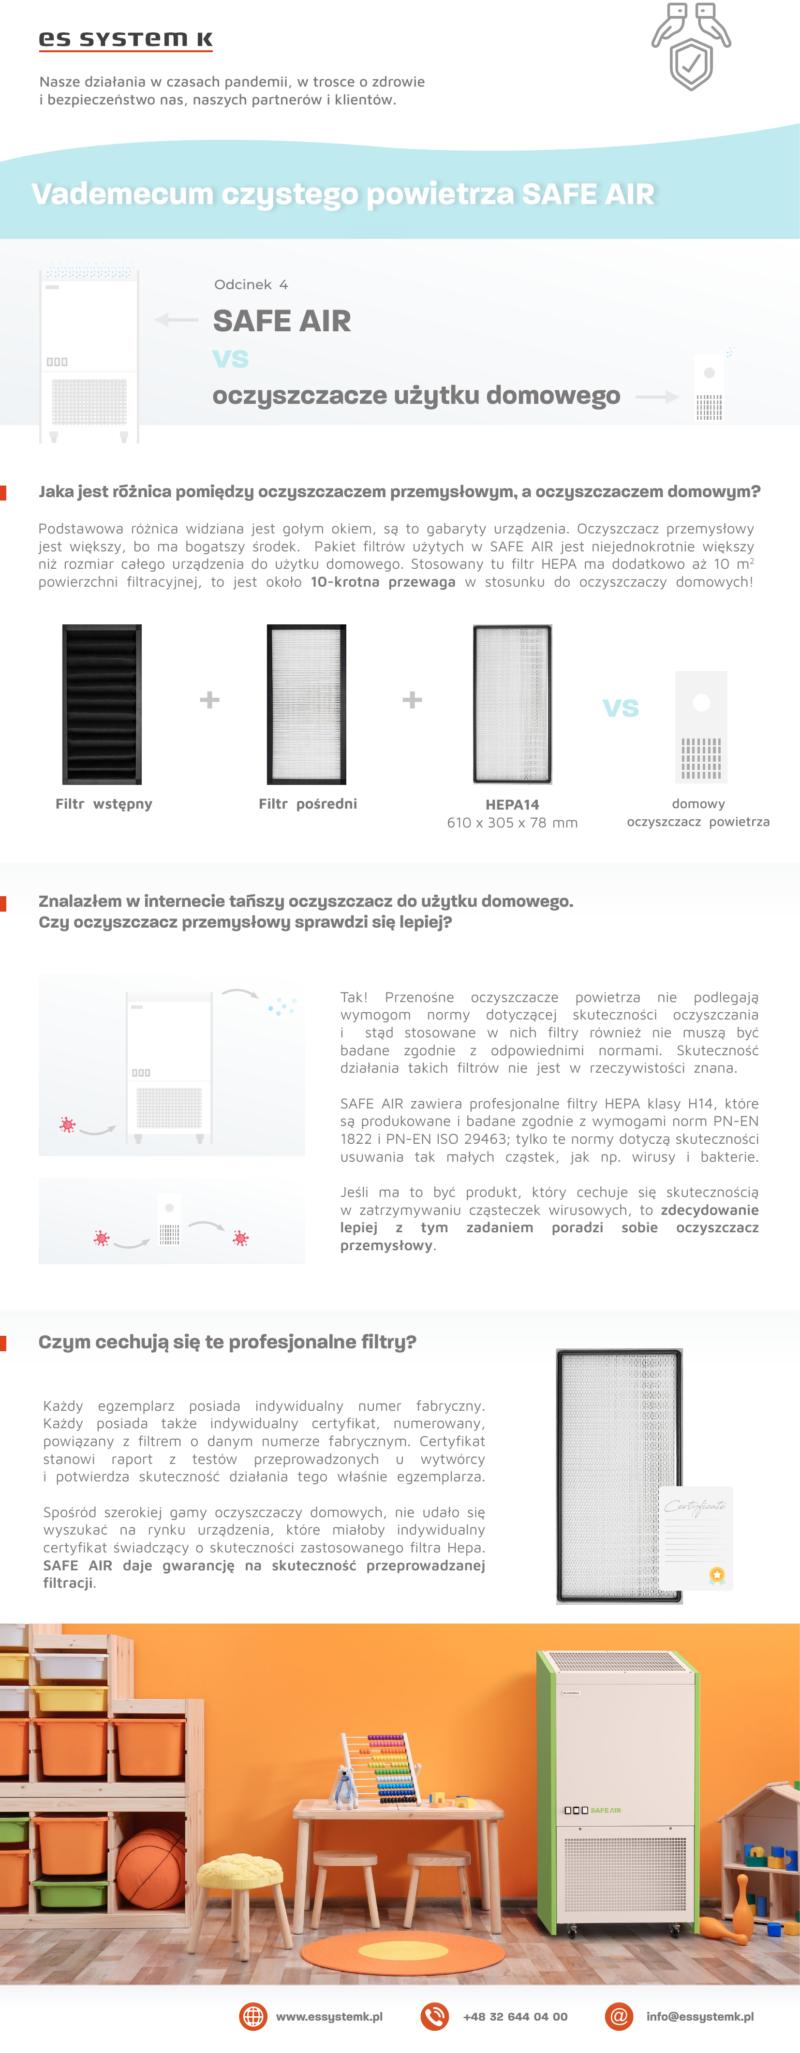 porównanie filtrów dla oczyszczaczy powietrza